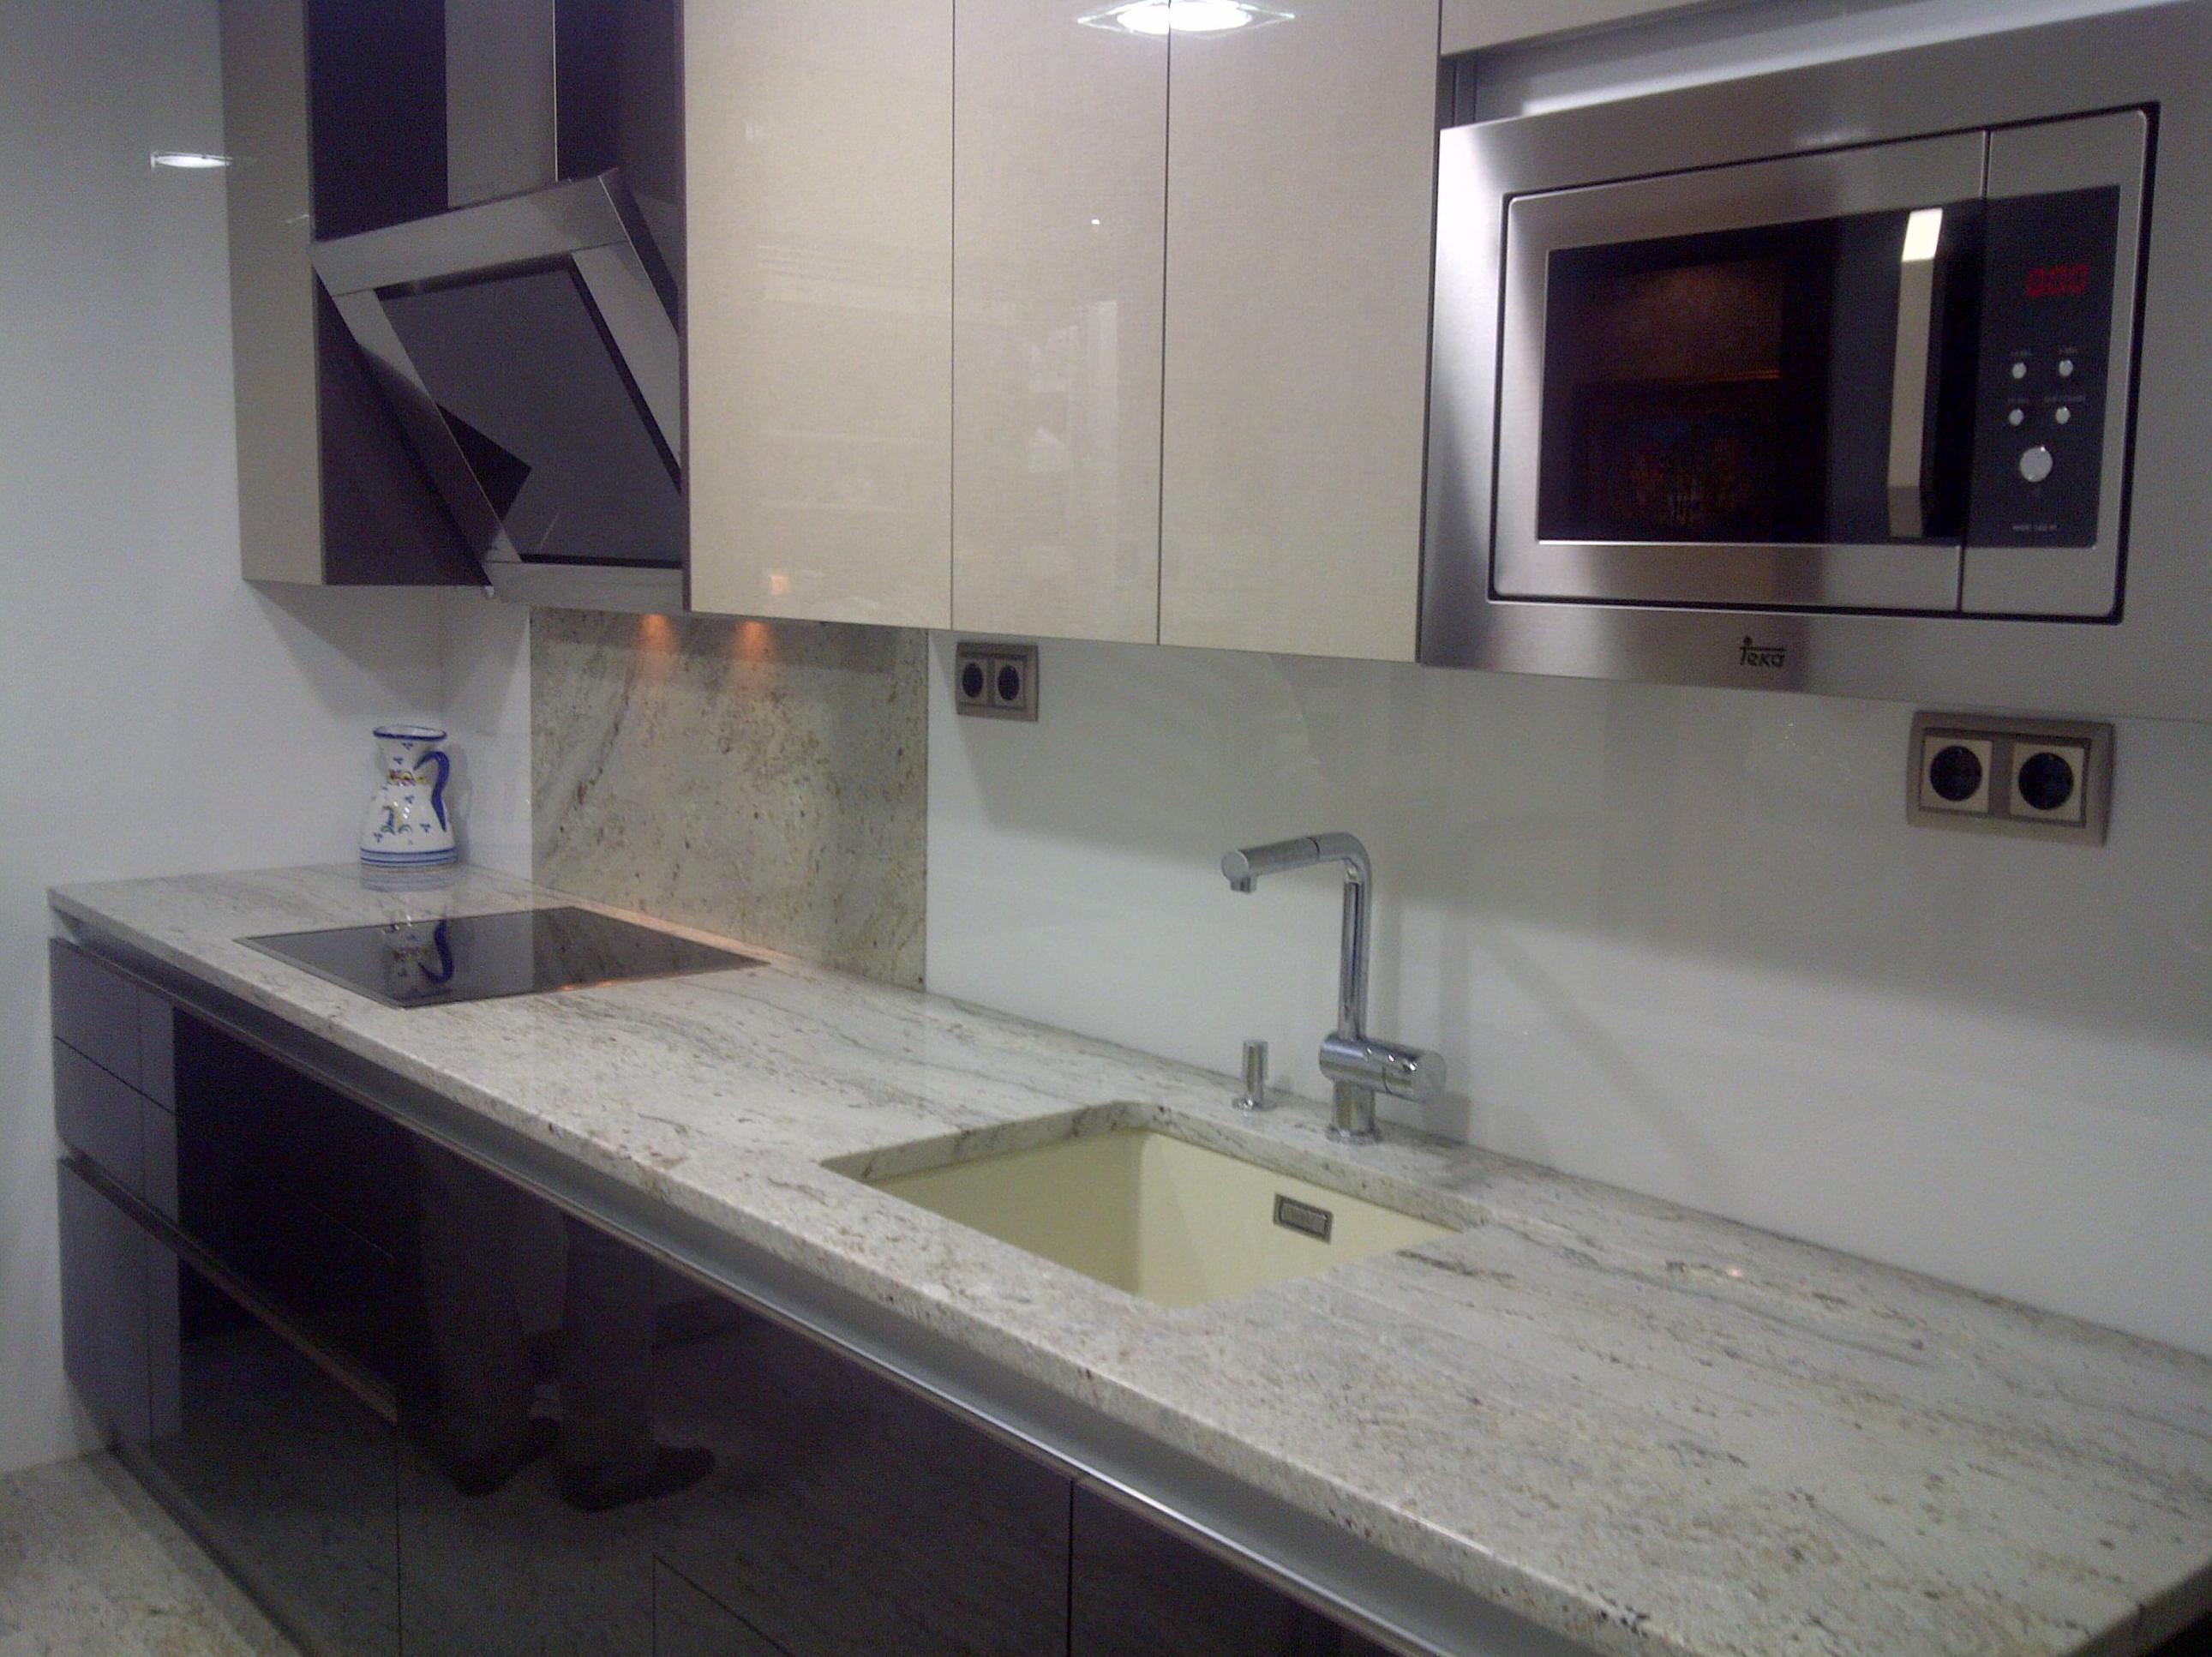 Foto 28 de Muebles de baño y cocina en Zaragoza | Decocina